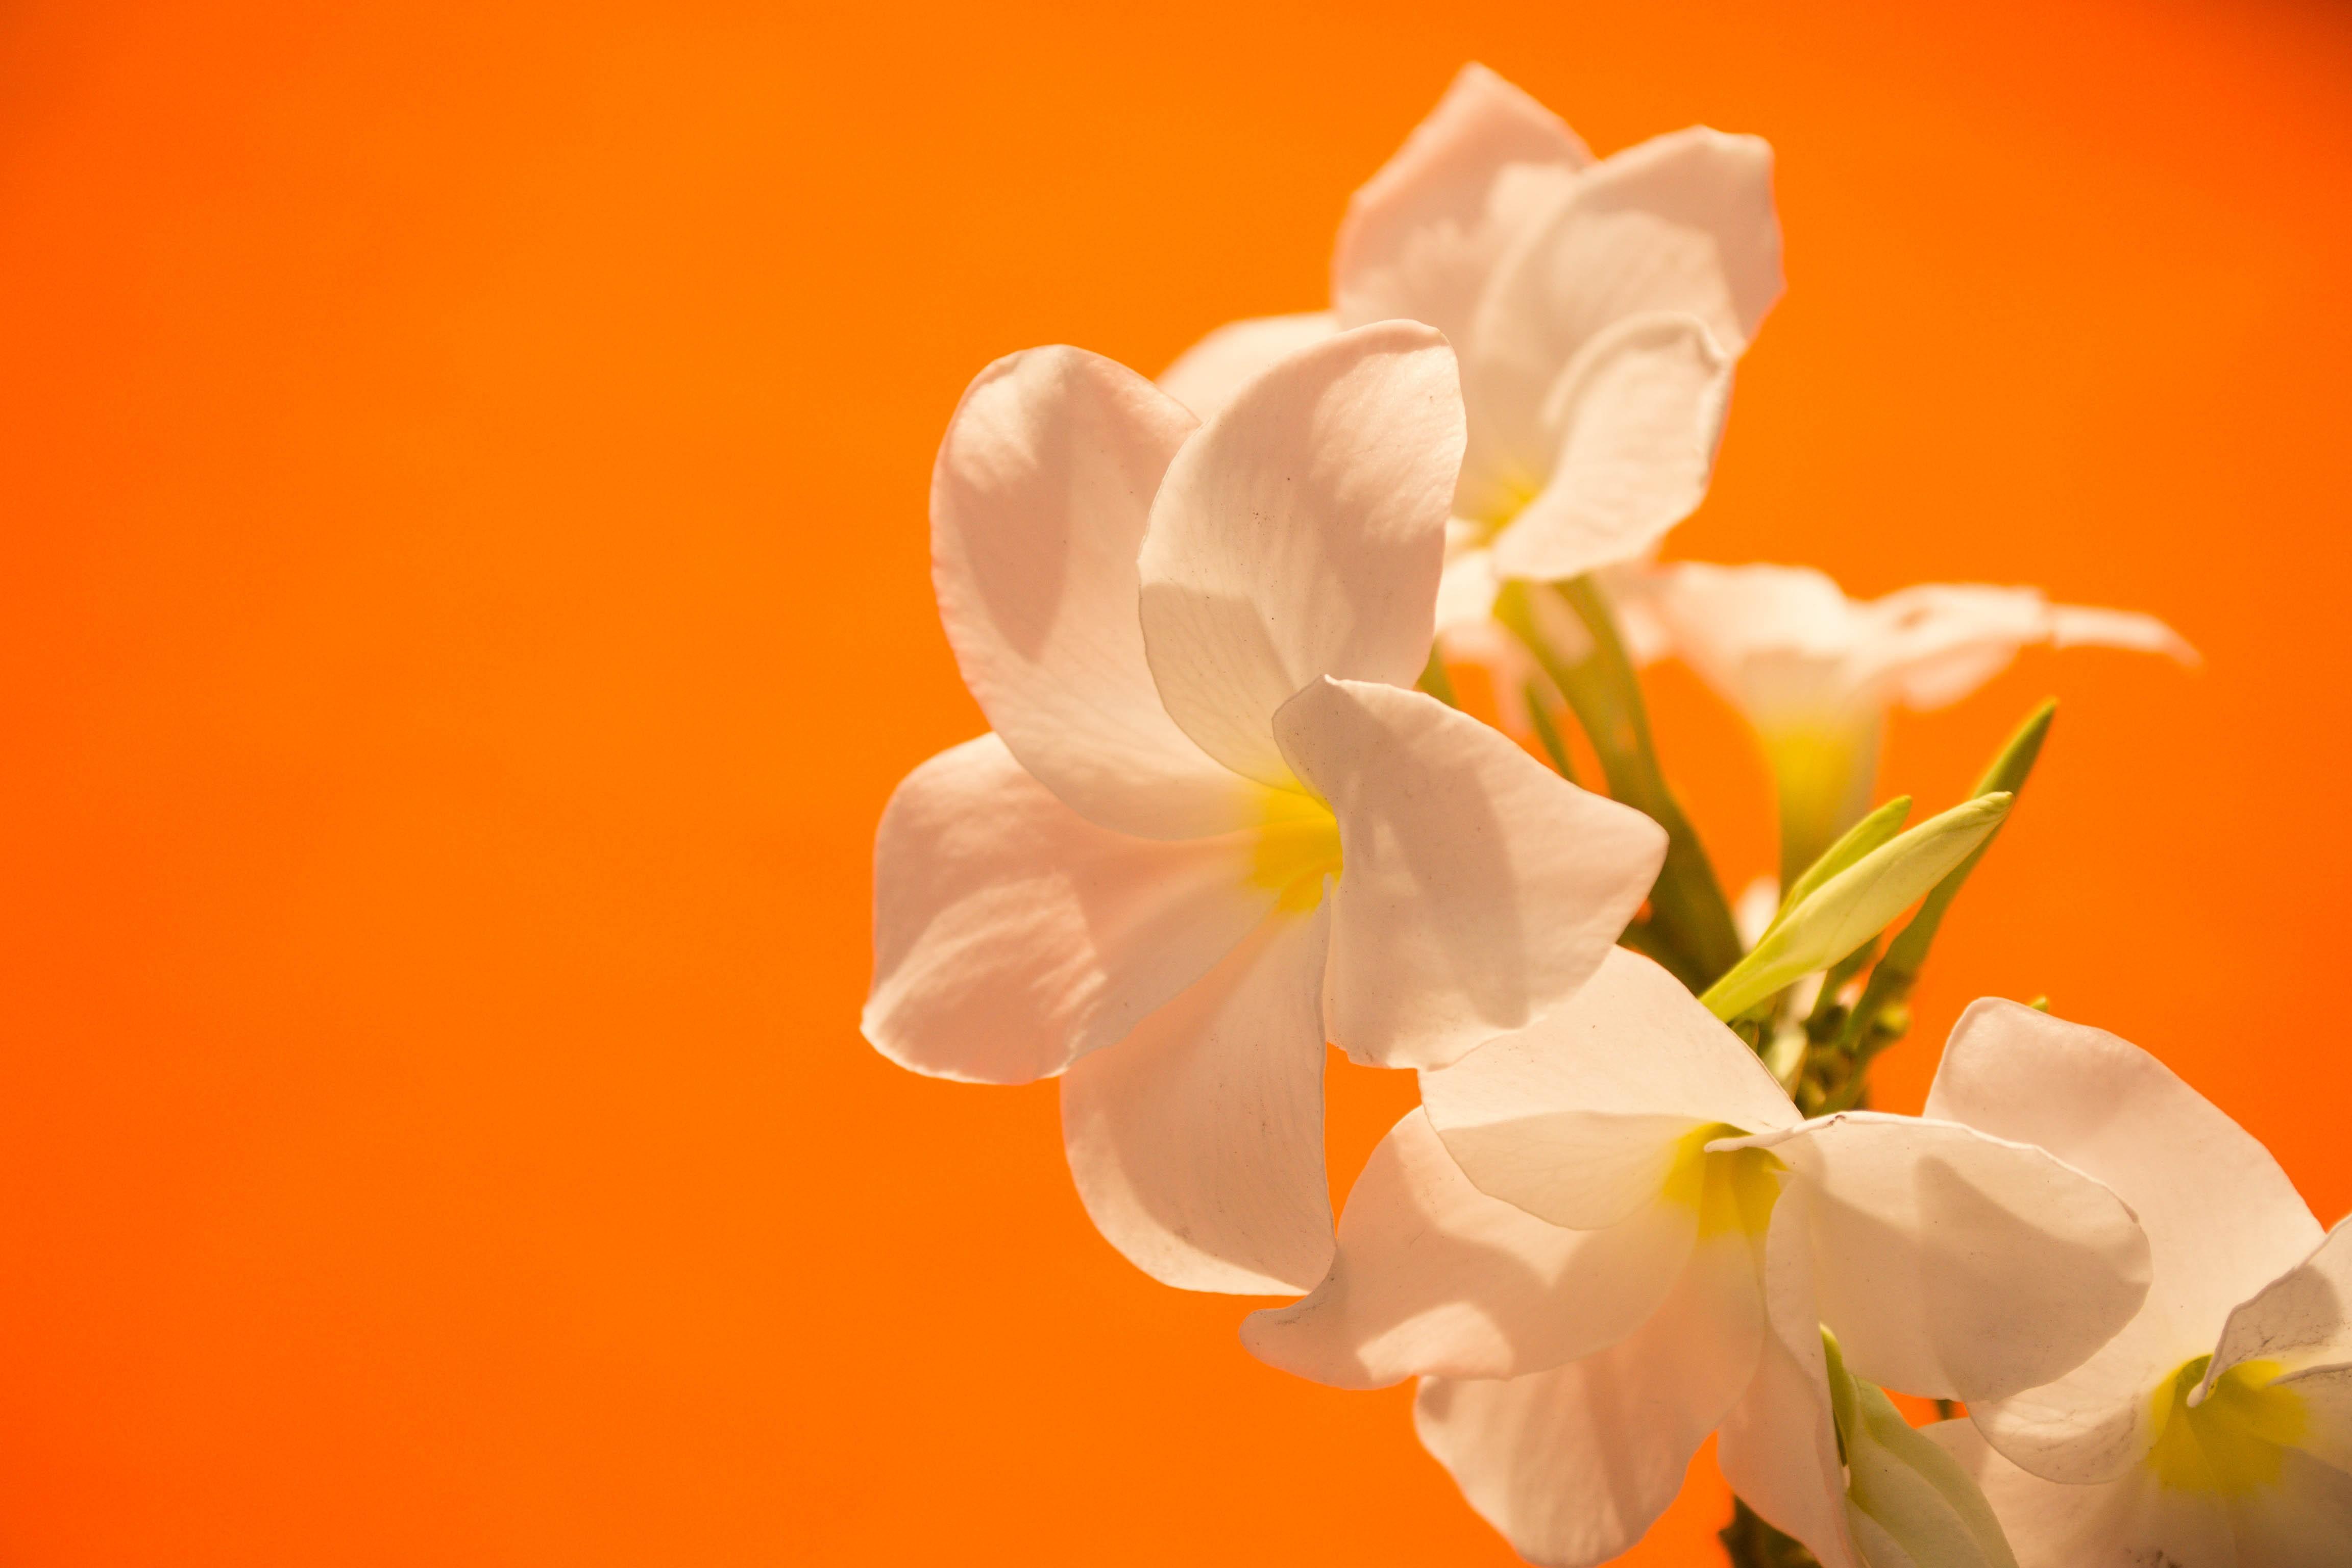 хочу картинки оранжевый фон цветы для